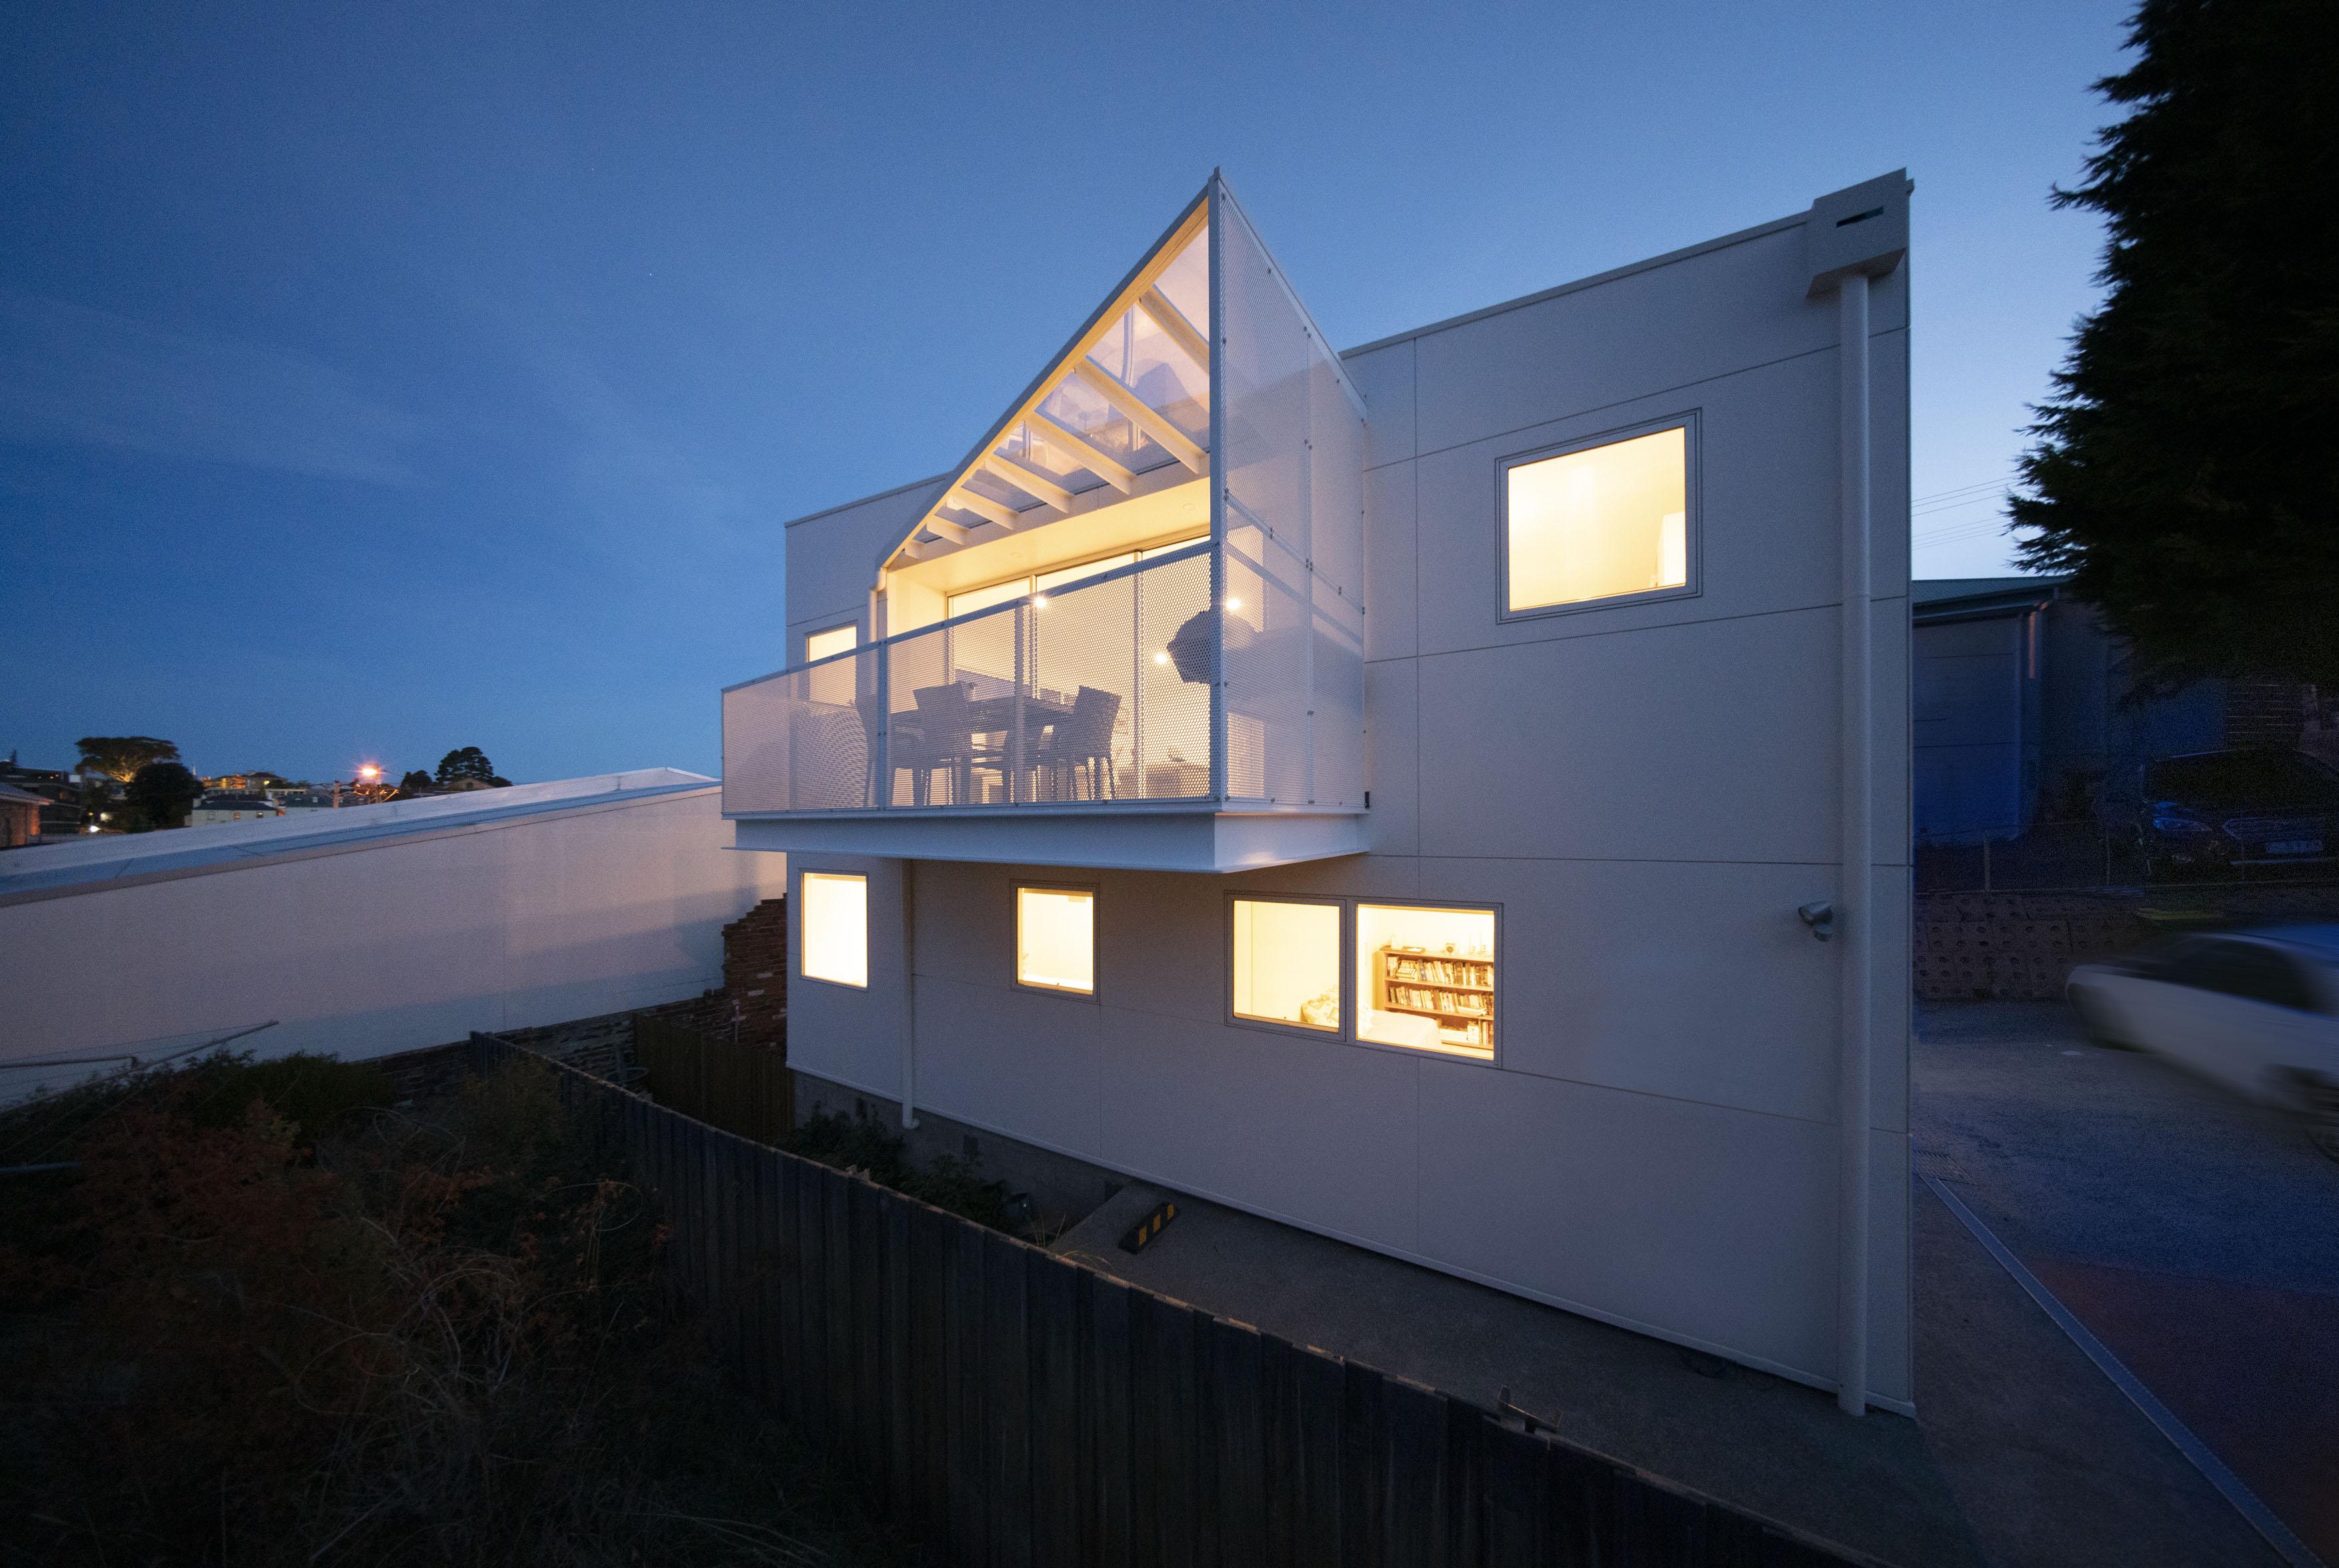 H2O-Architects-Melbourne-Australia-Whitton House-08.jpg